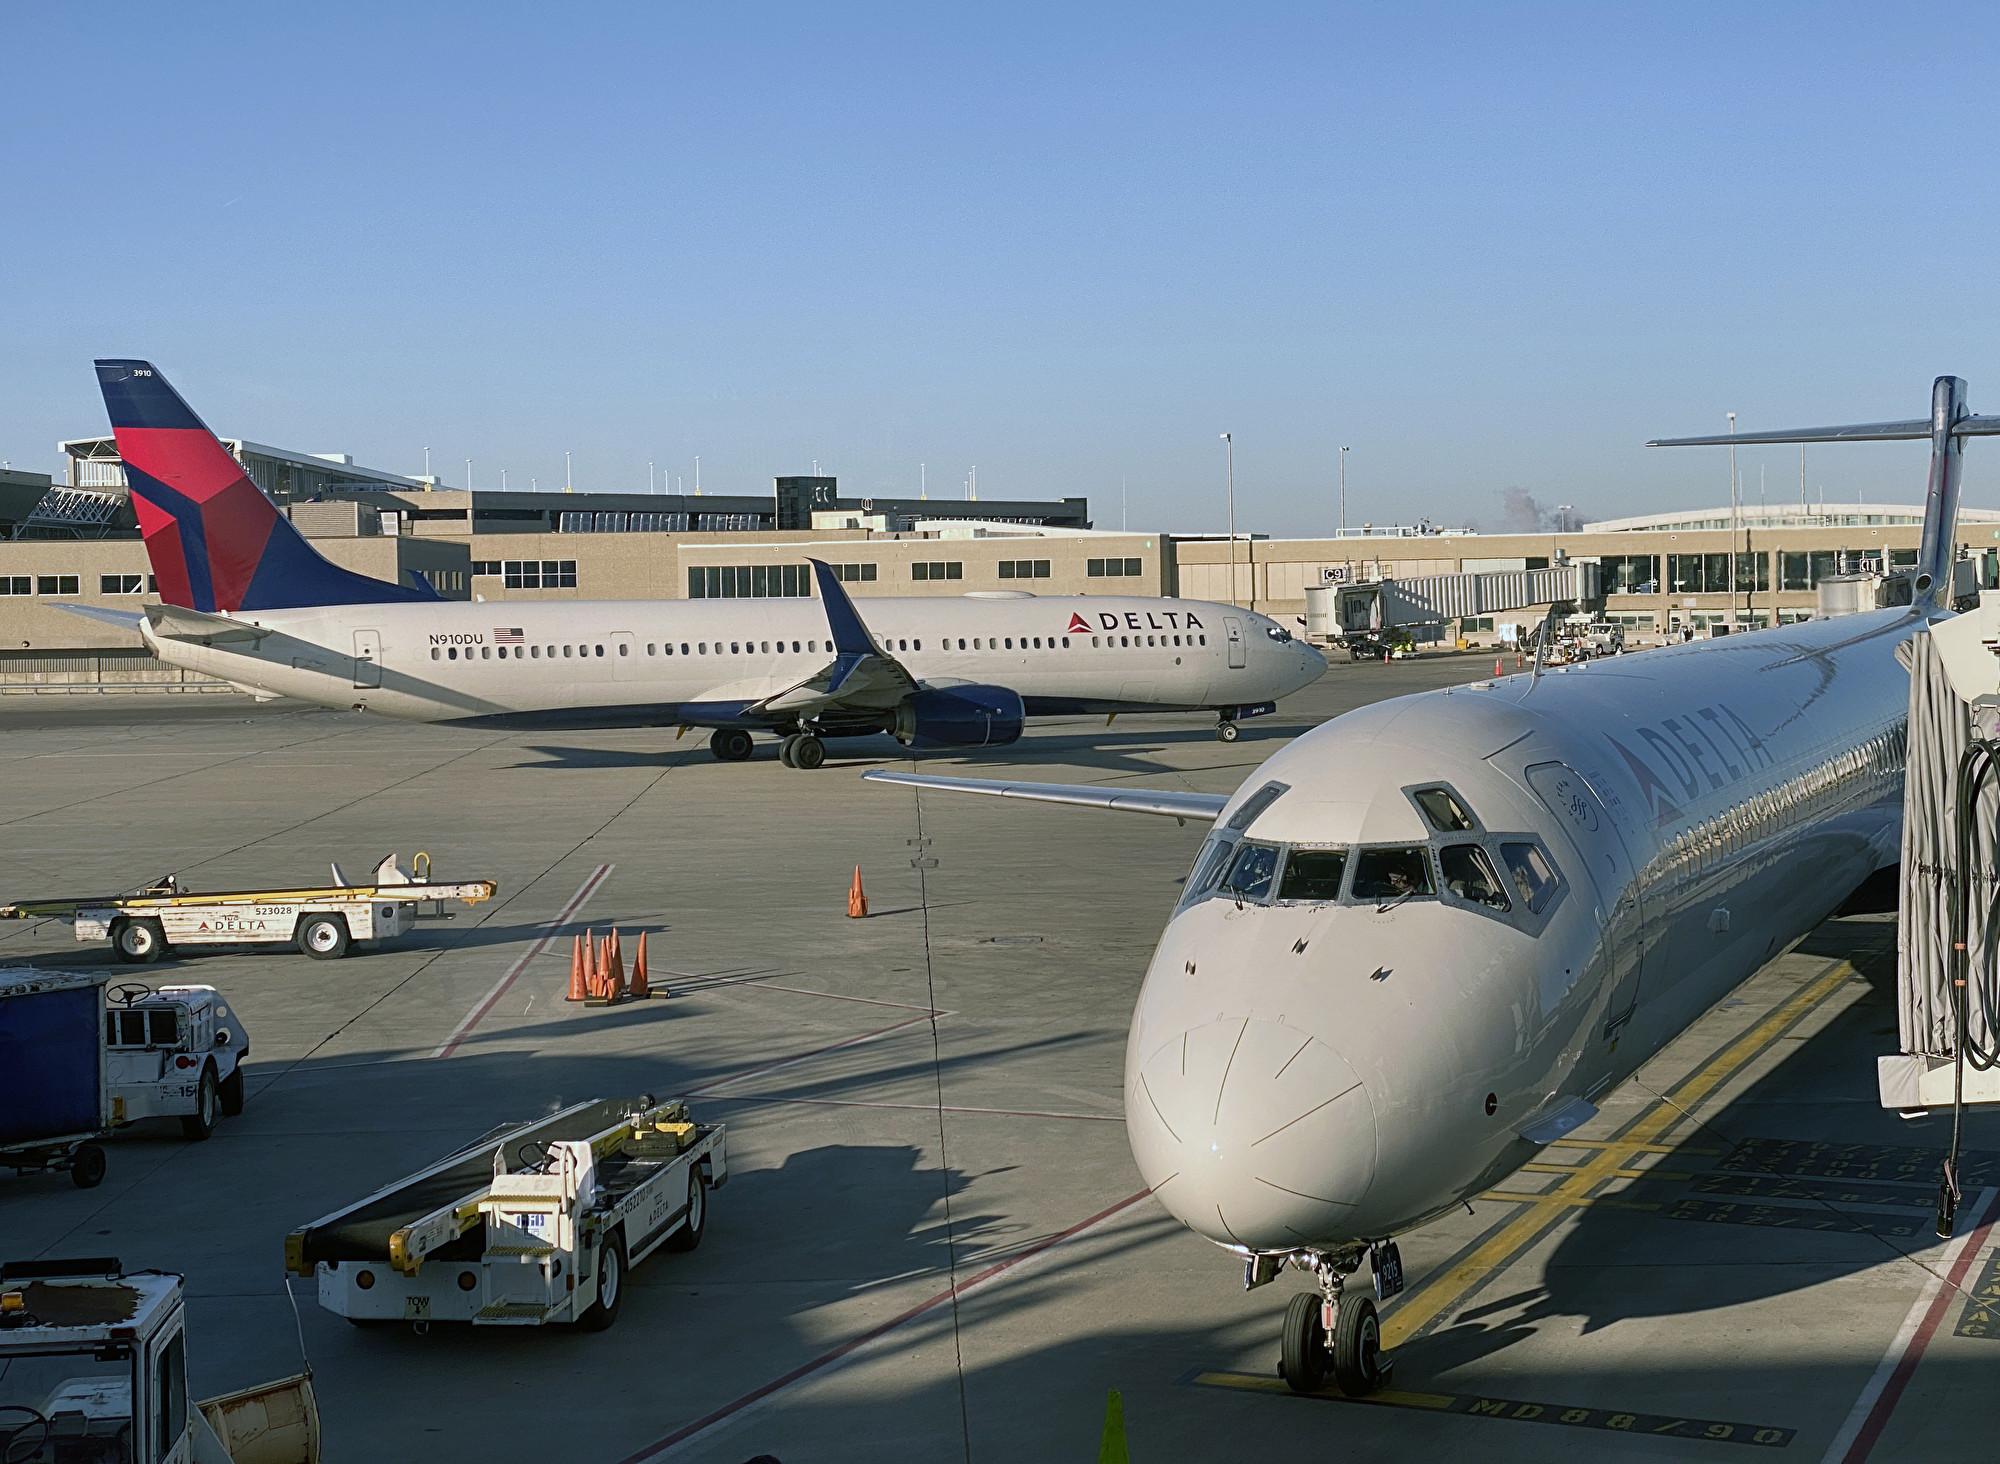 2020年1月8日,一架達美航空飛機在威斯康辛州的密爾沃基密爾國際機場(Milwaukee Mitchell International Airport)的停機坪上。(Daniel SLIM/AFP)